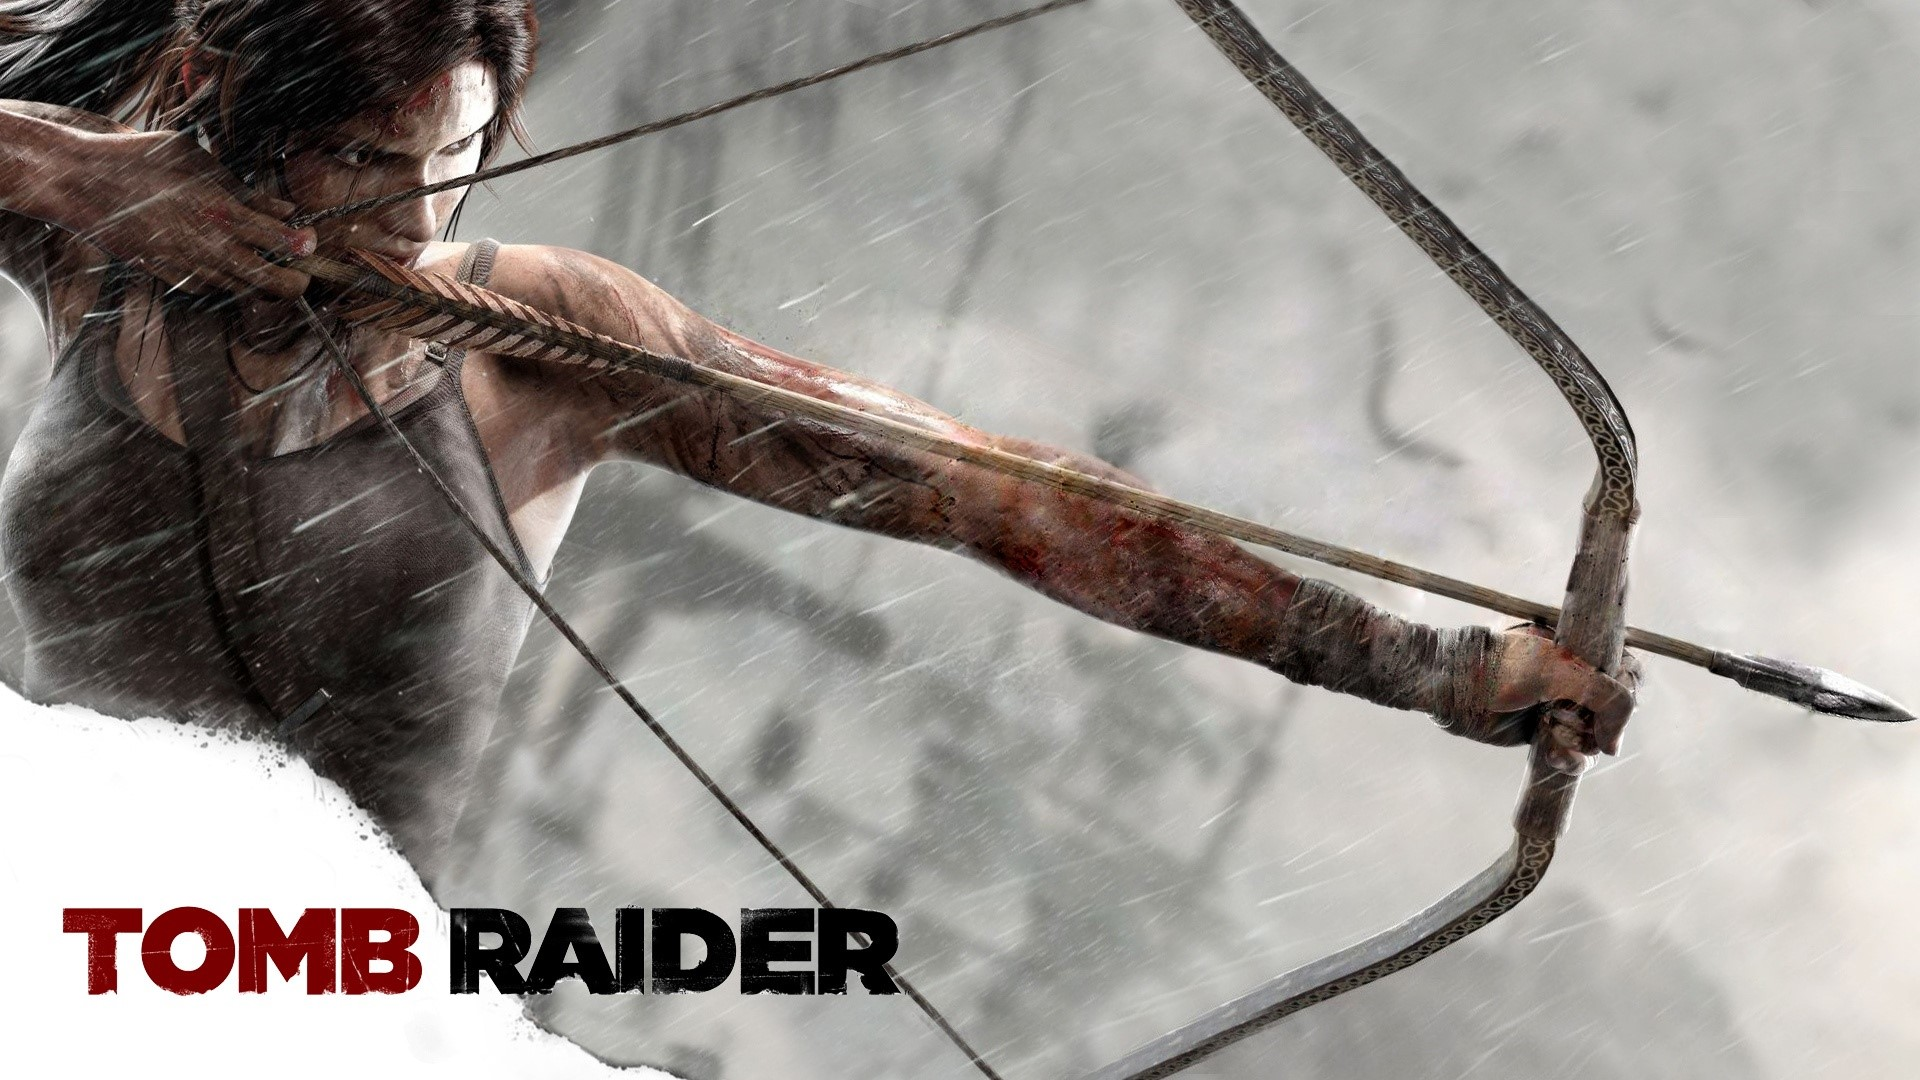 Wallpaper Lara Croft Tom Raider